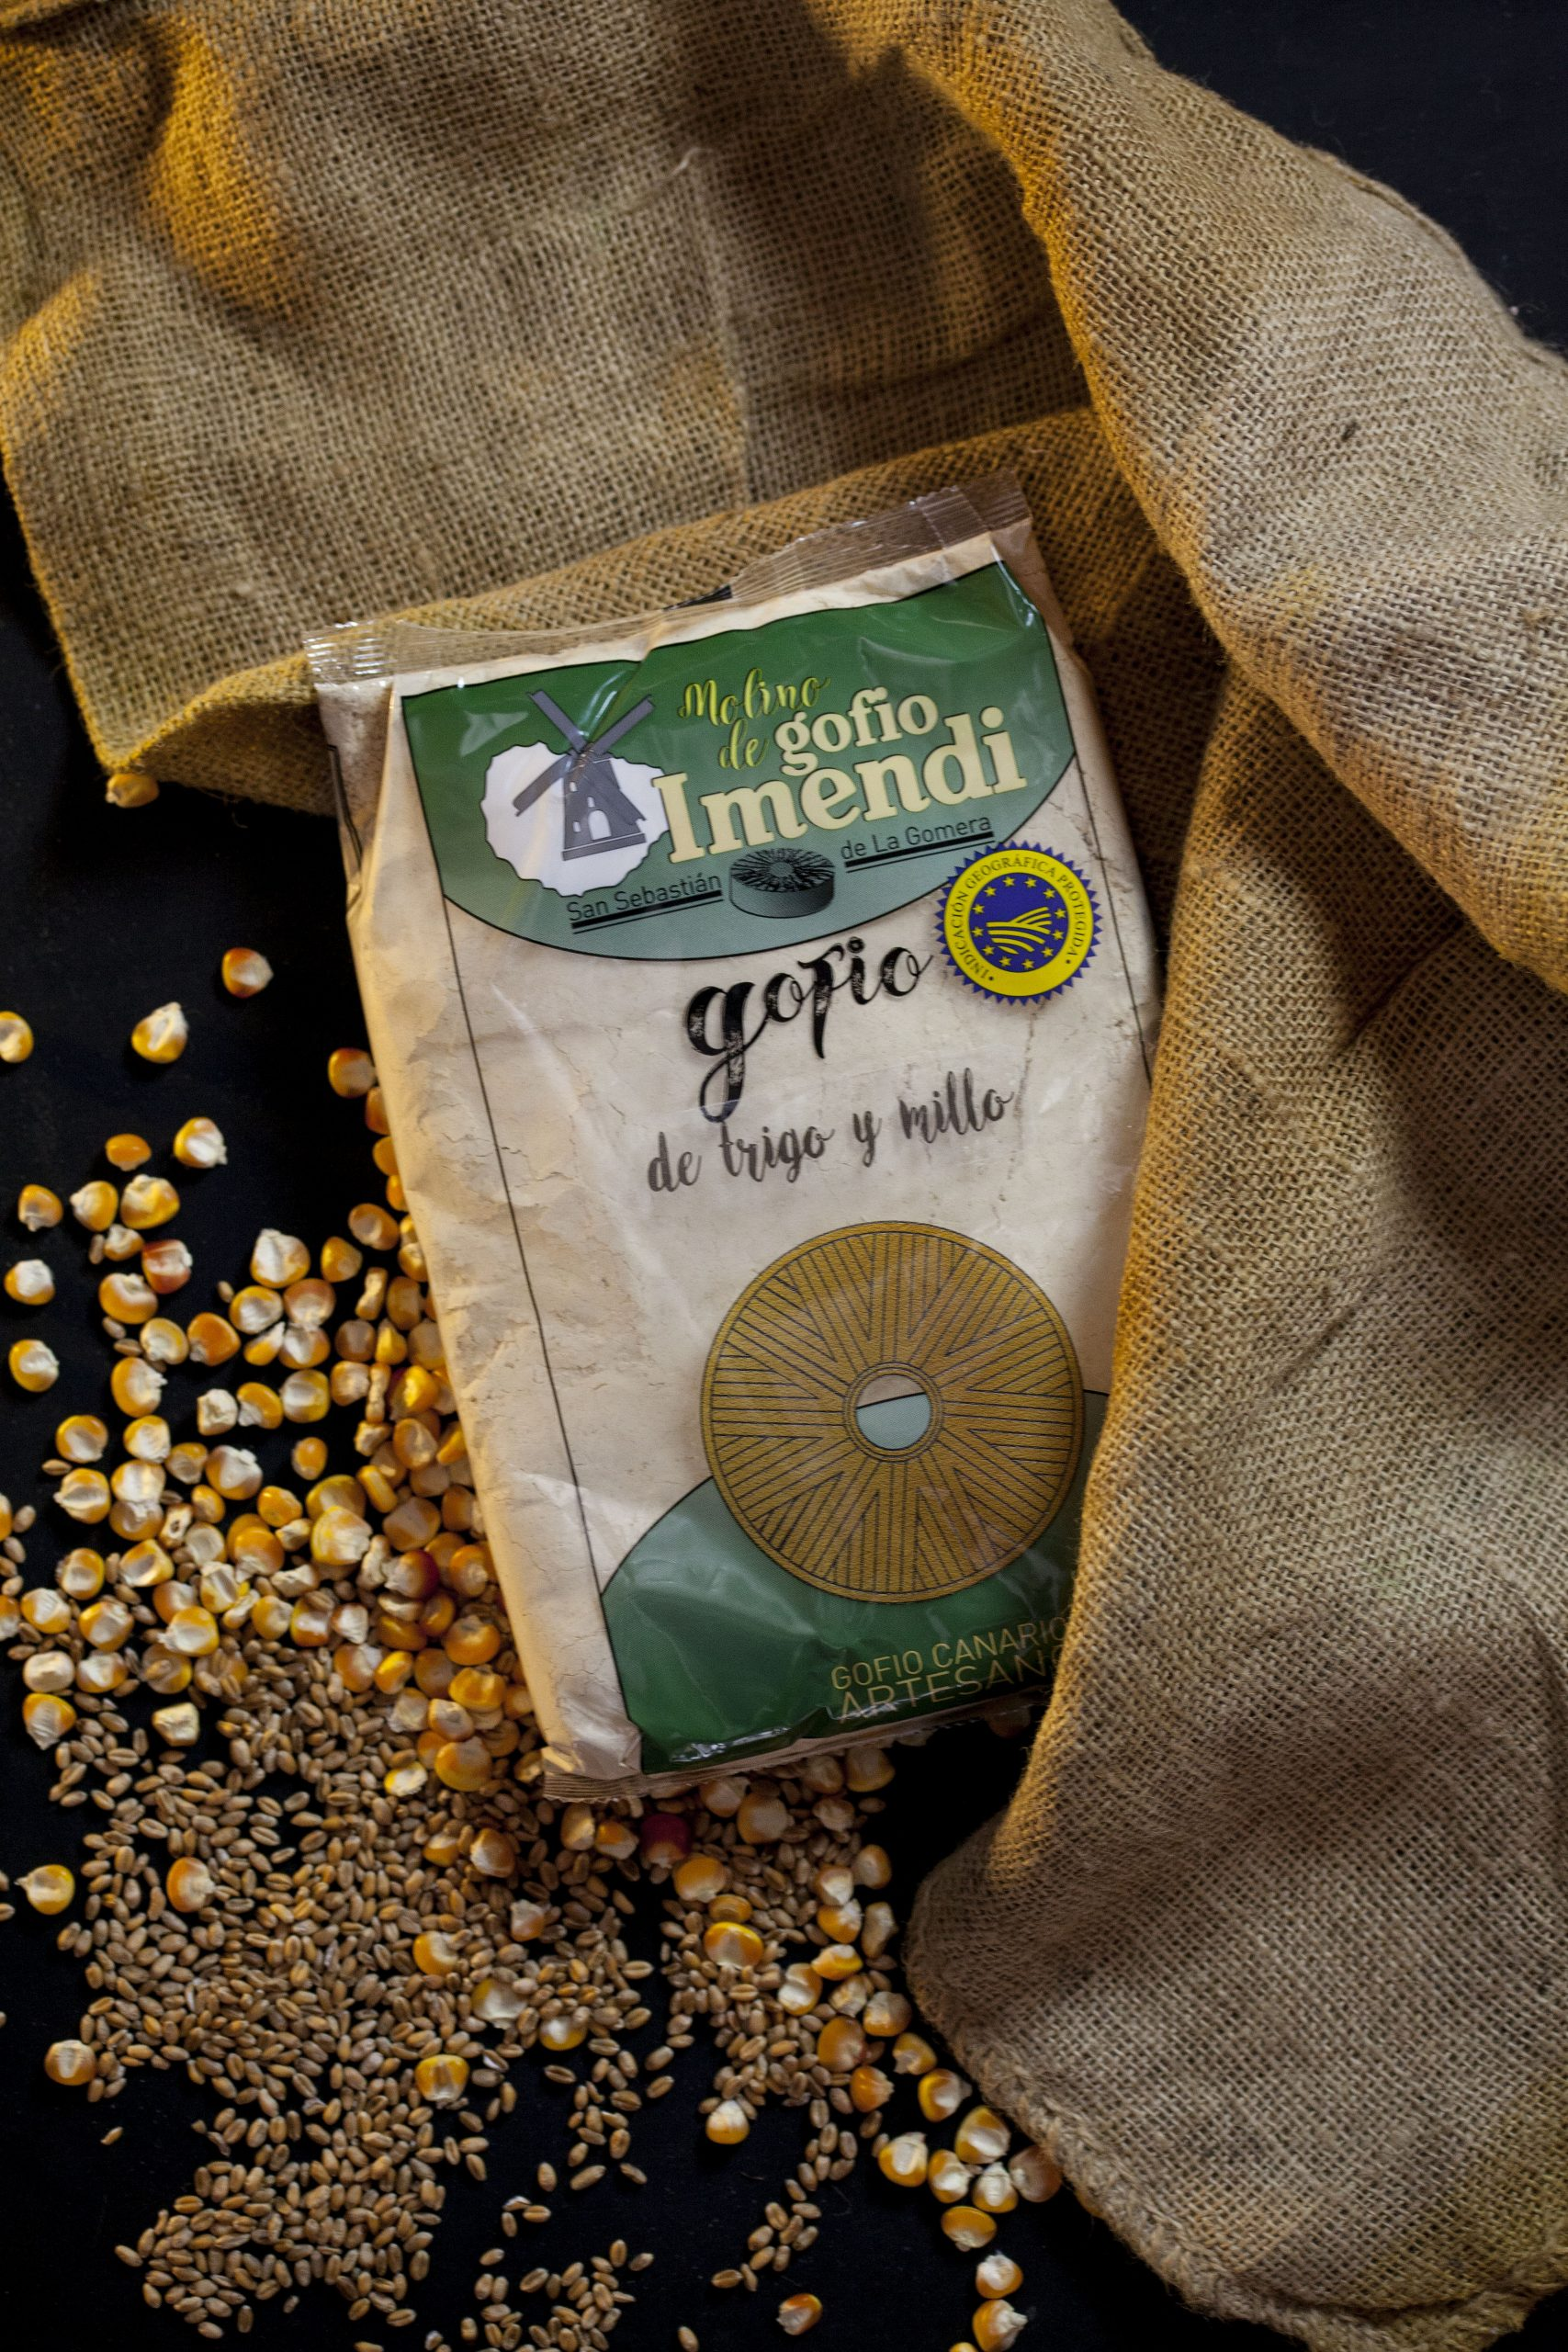 Gofio de trigo y millo